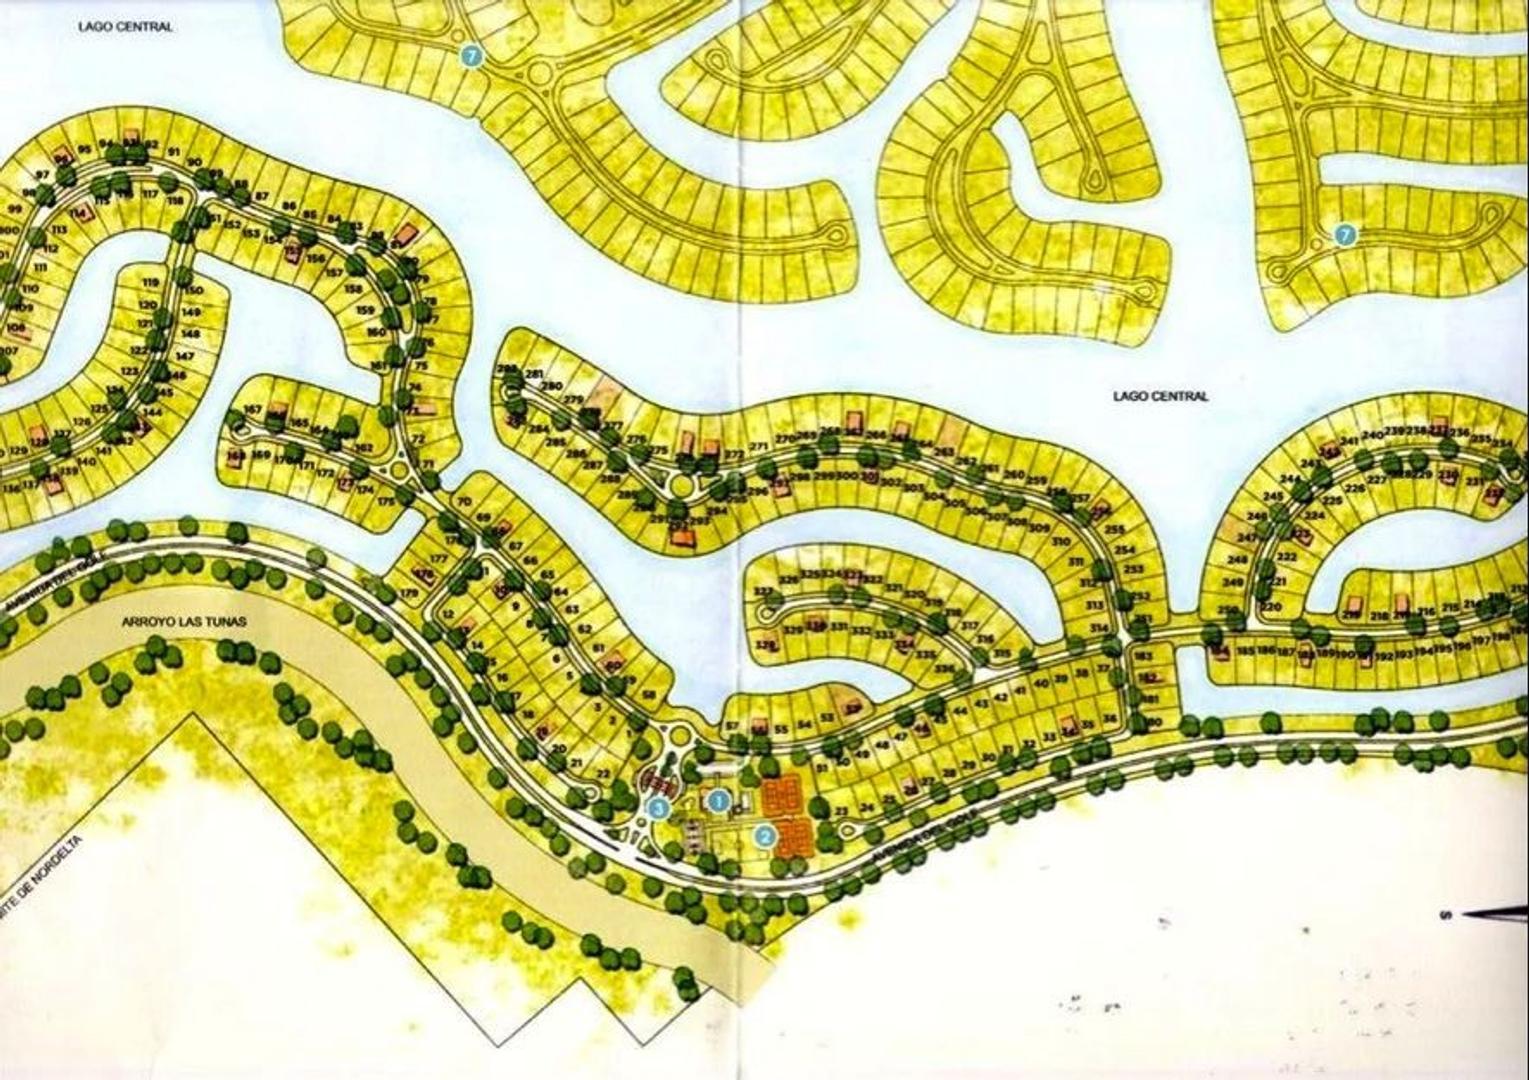 Terreno Lote  en Venta ubicado en Virazón, Nordelta - EII0055_LP167391_1